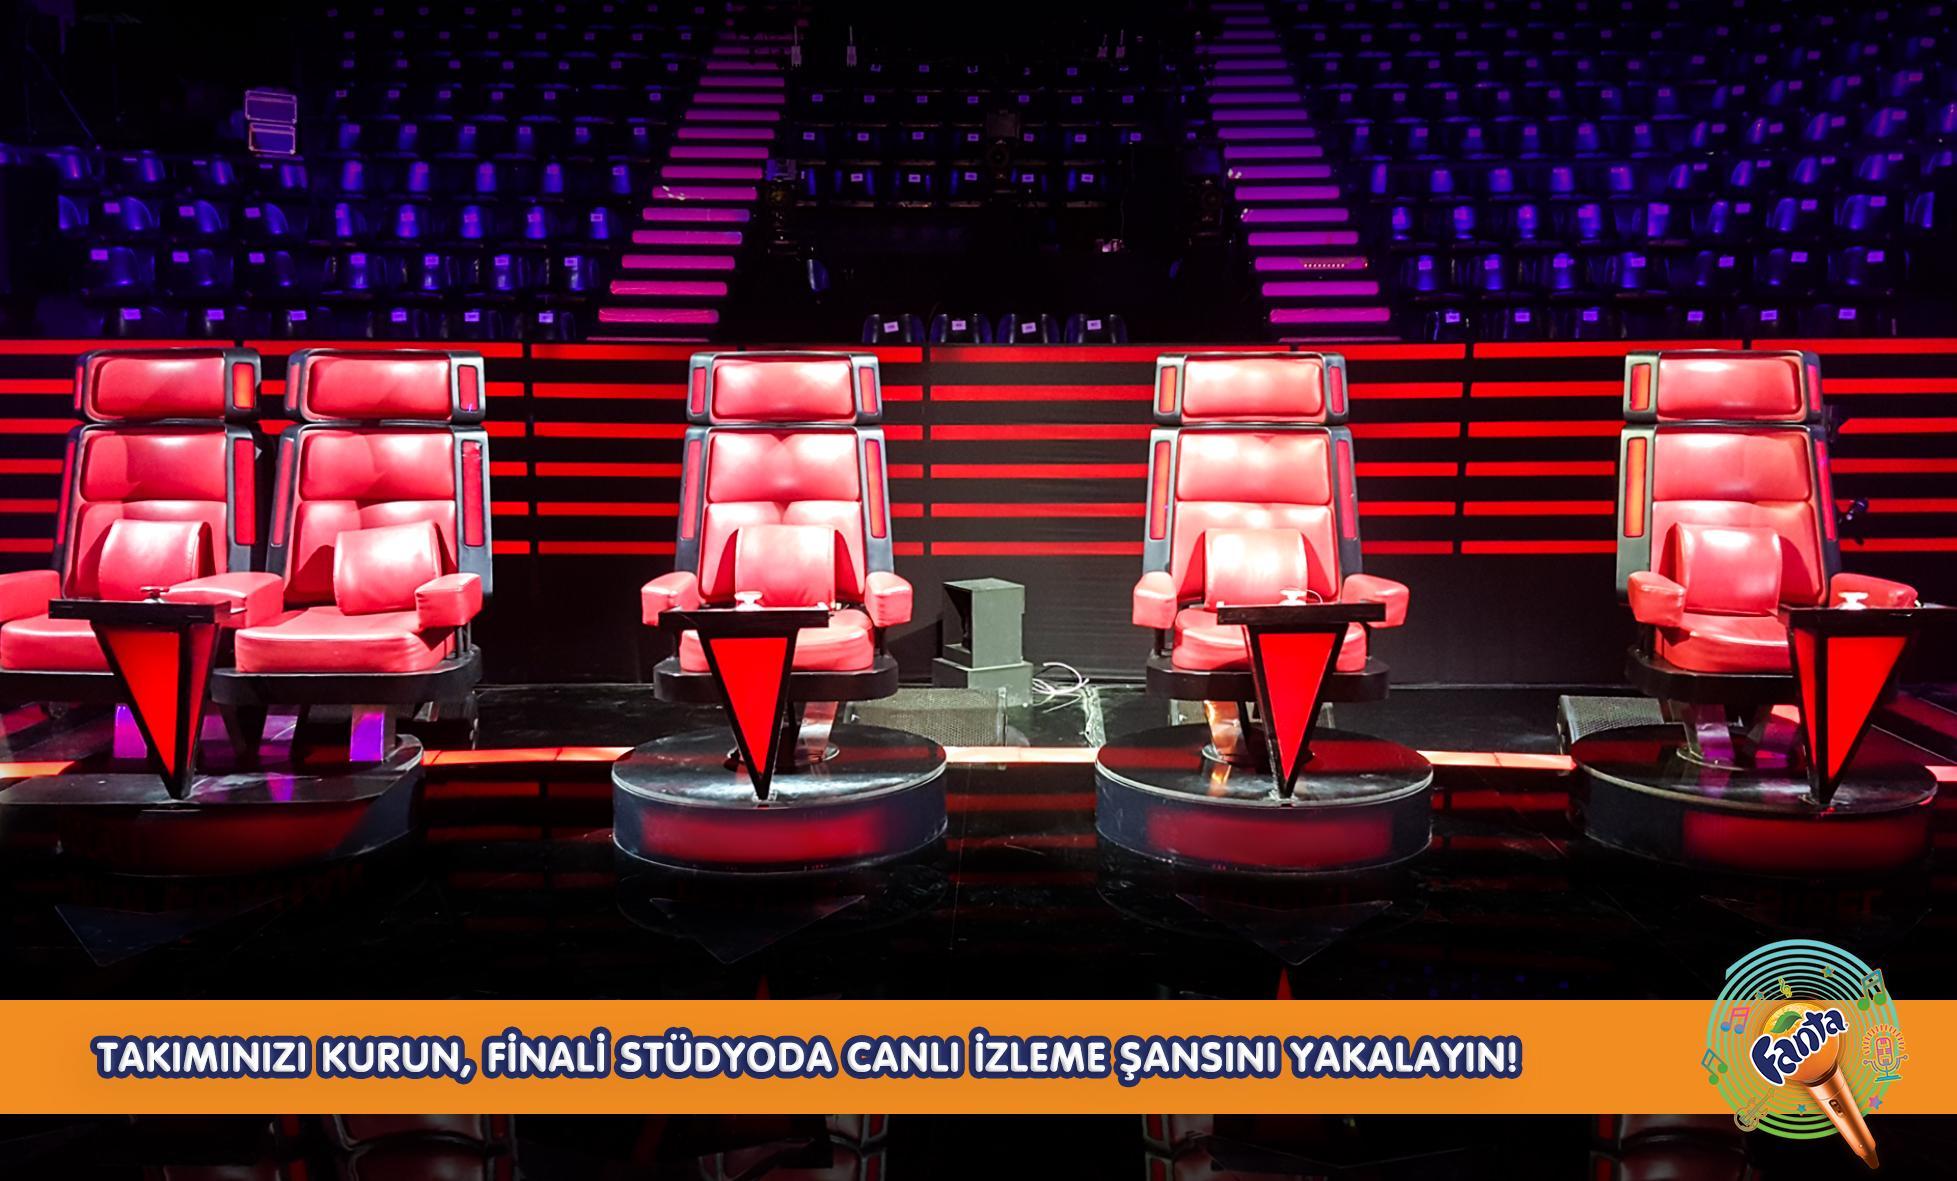 O Ses Türkiye'de Yarışmacıların Jüri Seçimlerini Etkileyen 10 Farklı Neden